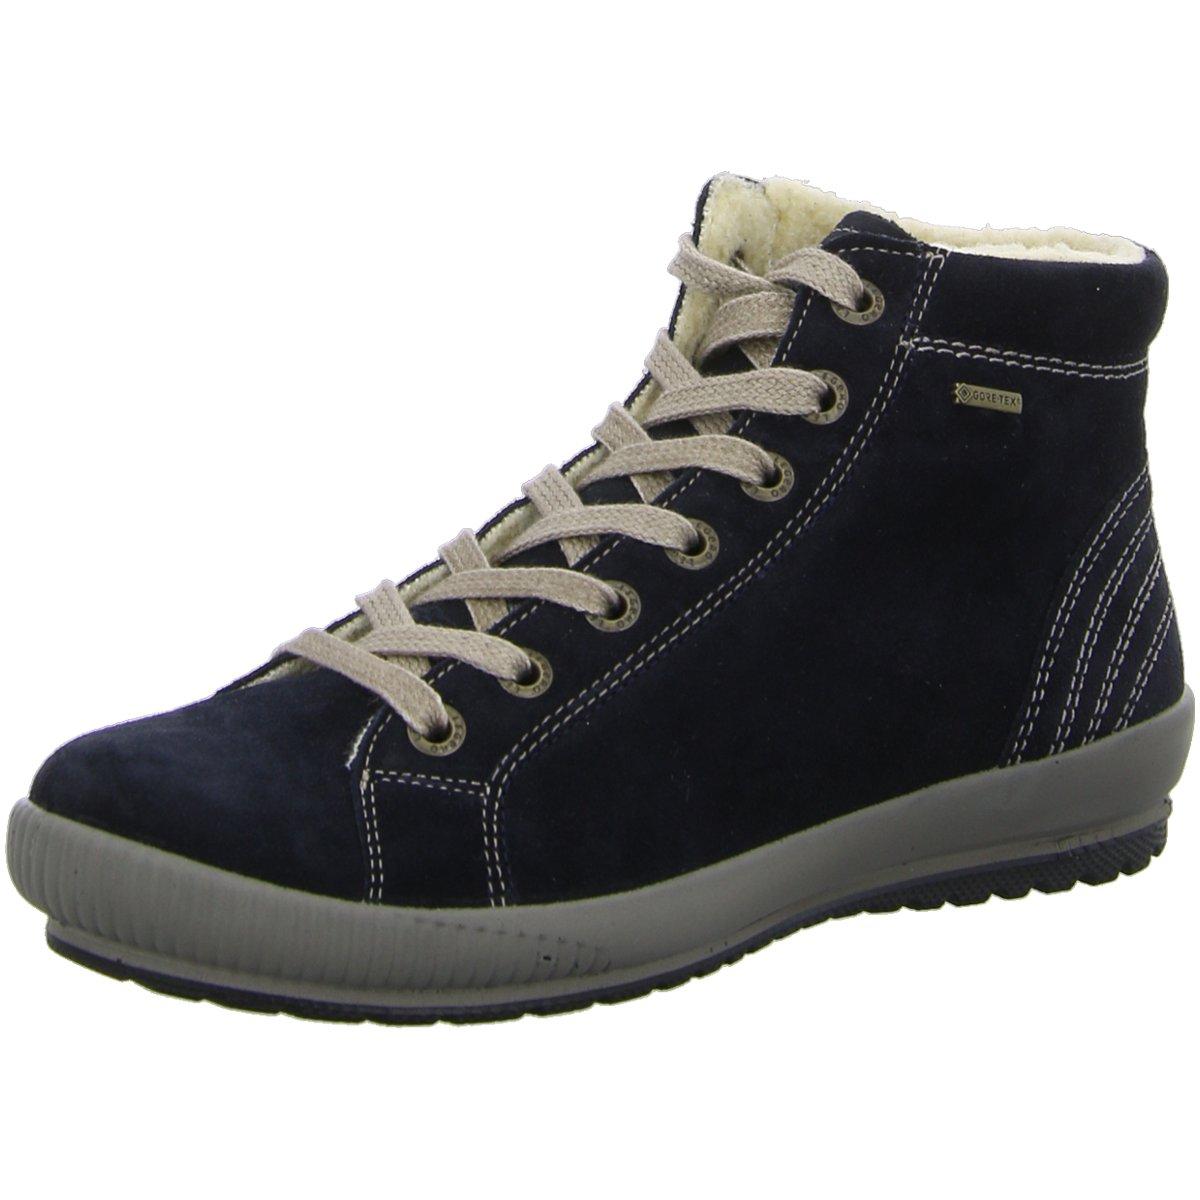 NEU Legero Damen Stiefeletten Gore-Tex Gore-Tex Gore-Tex 1-00619-80 blau 334912 a294ad